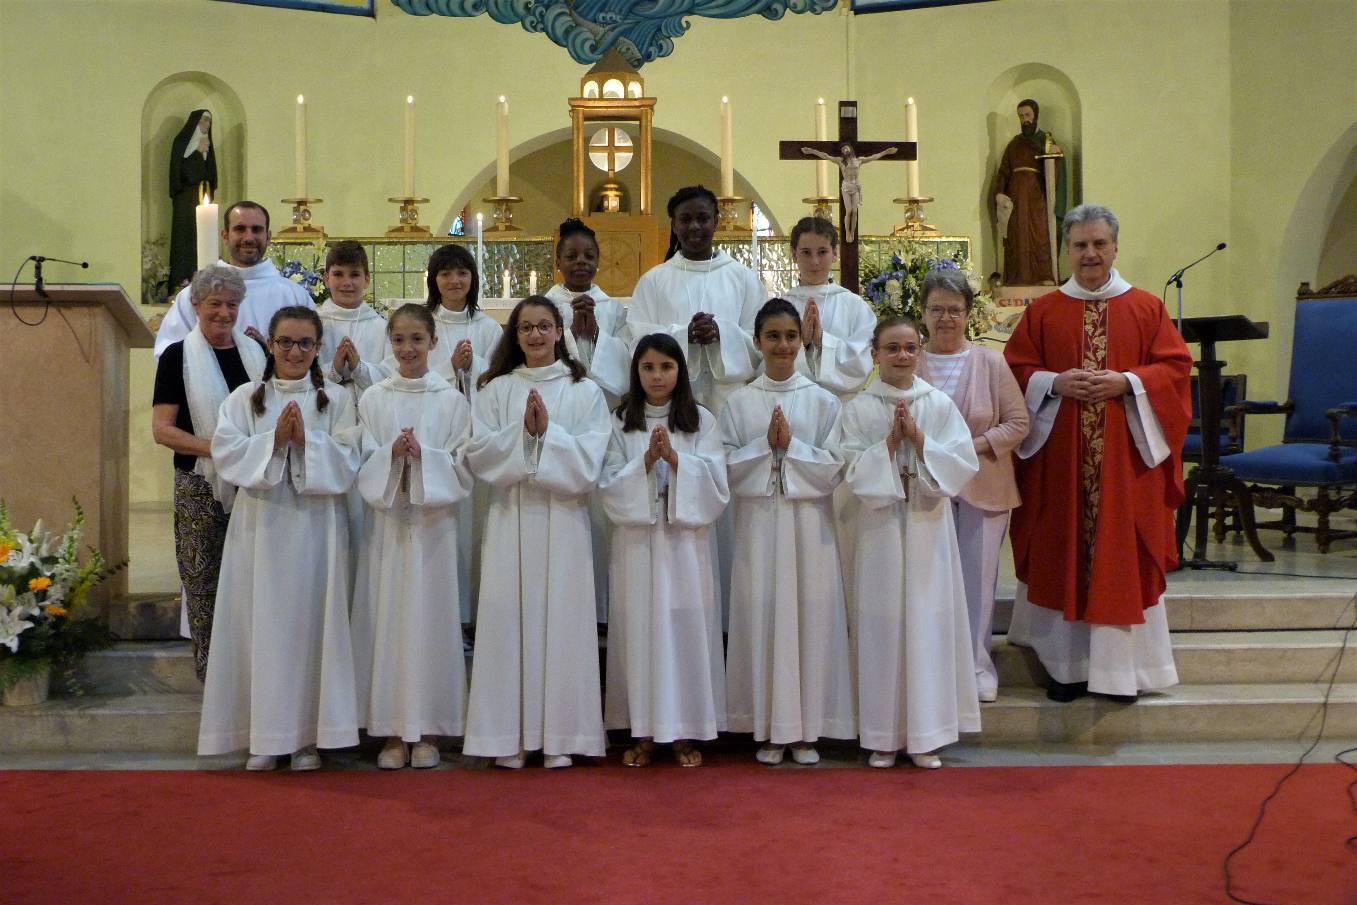 L'abbé Jean-Marc, Iban notre séminariste et vos catéchistes vous remercient ainsi que vos familles qui nous ont si bien accompagnés toute l'année !